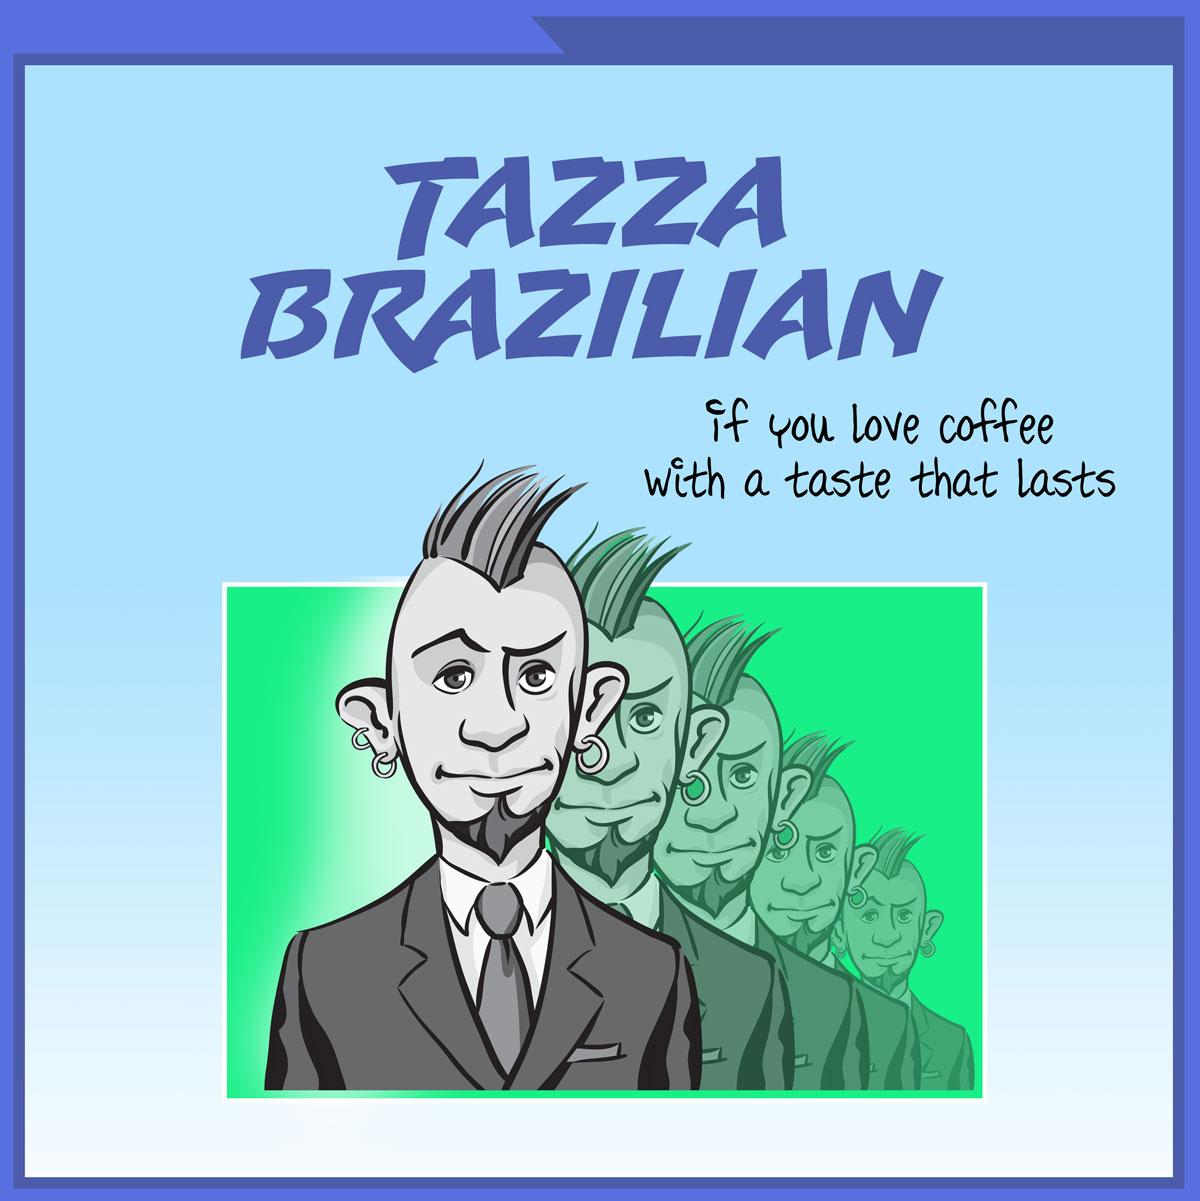 Tazza Brazilian